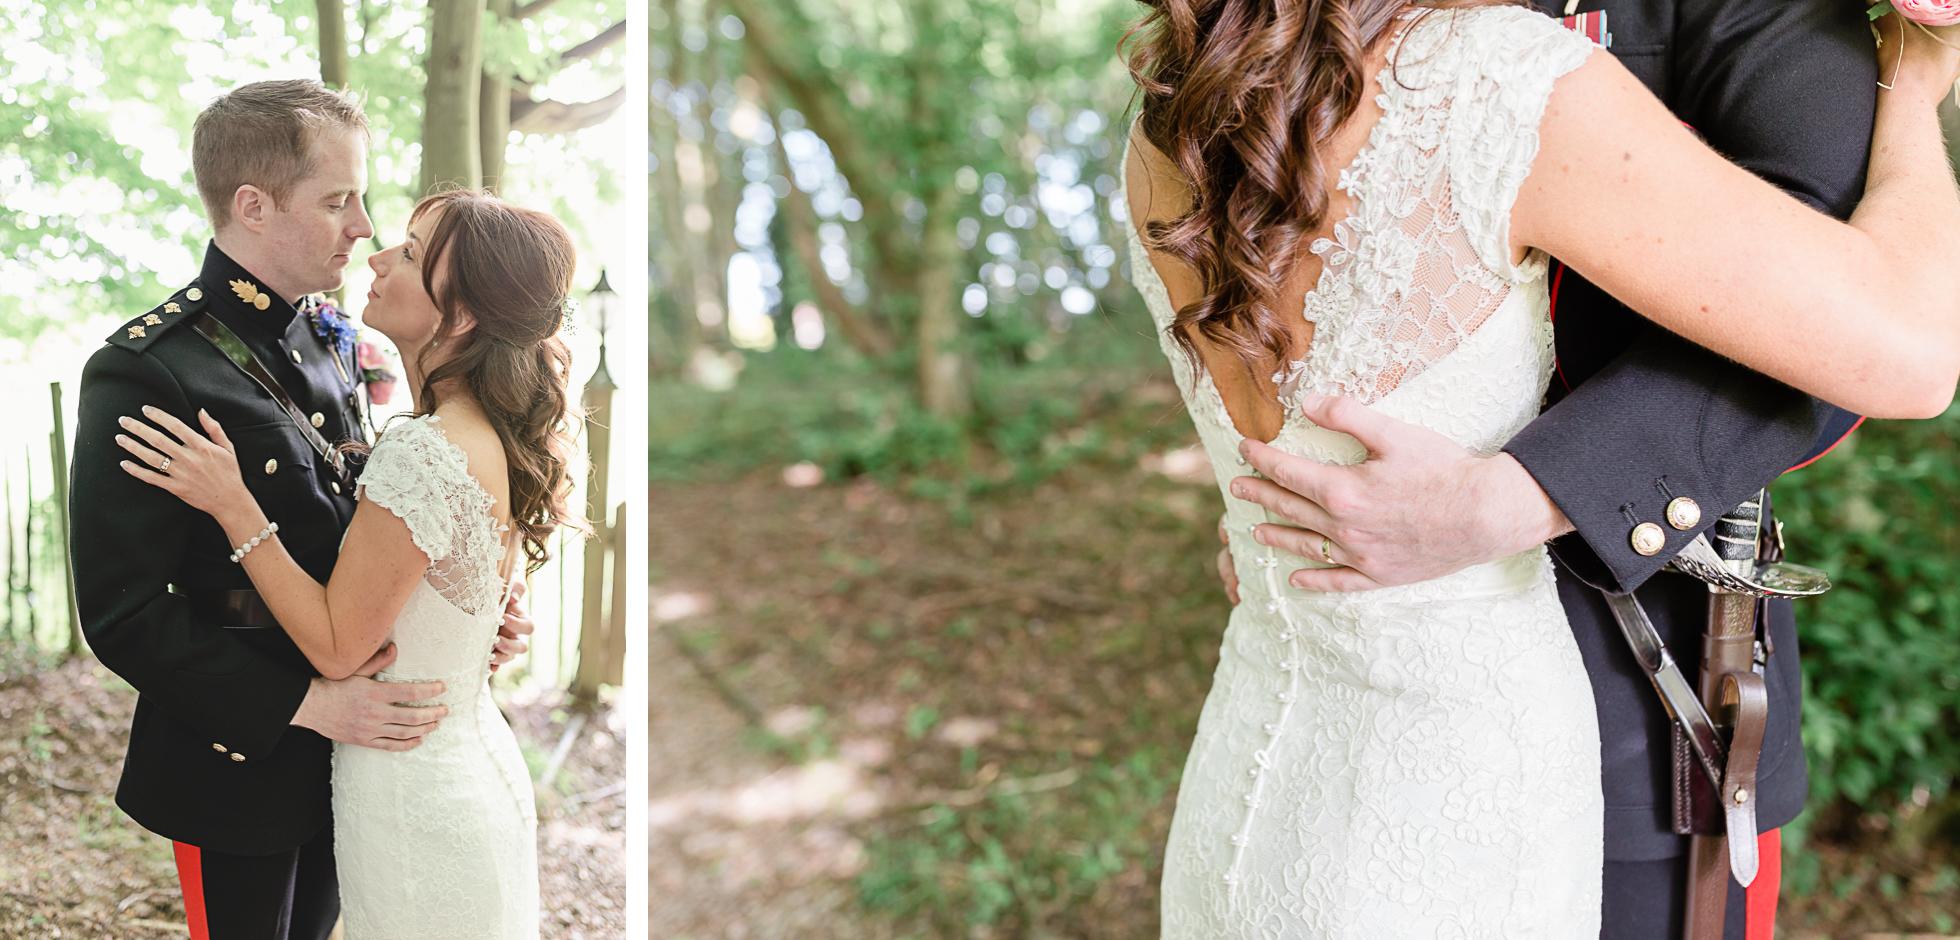 natural wedding photography Kent